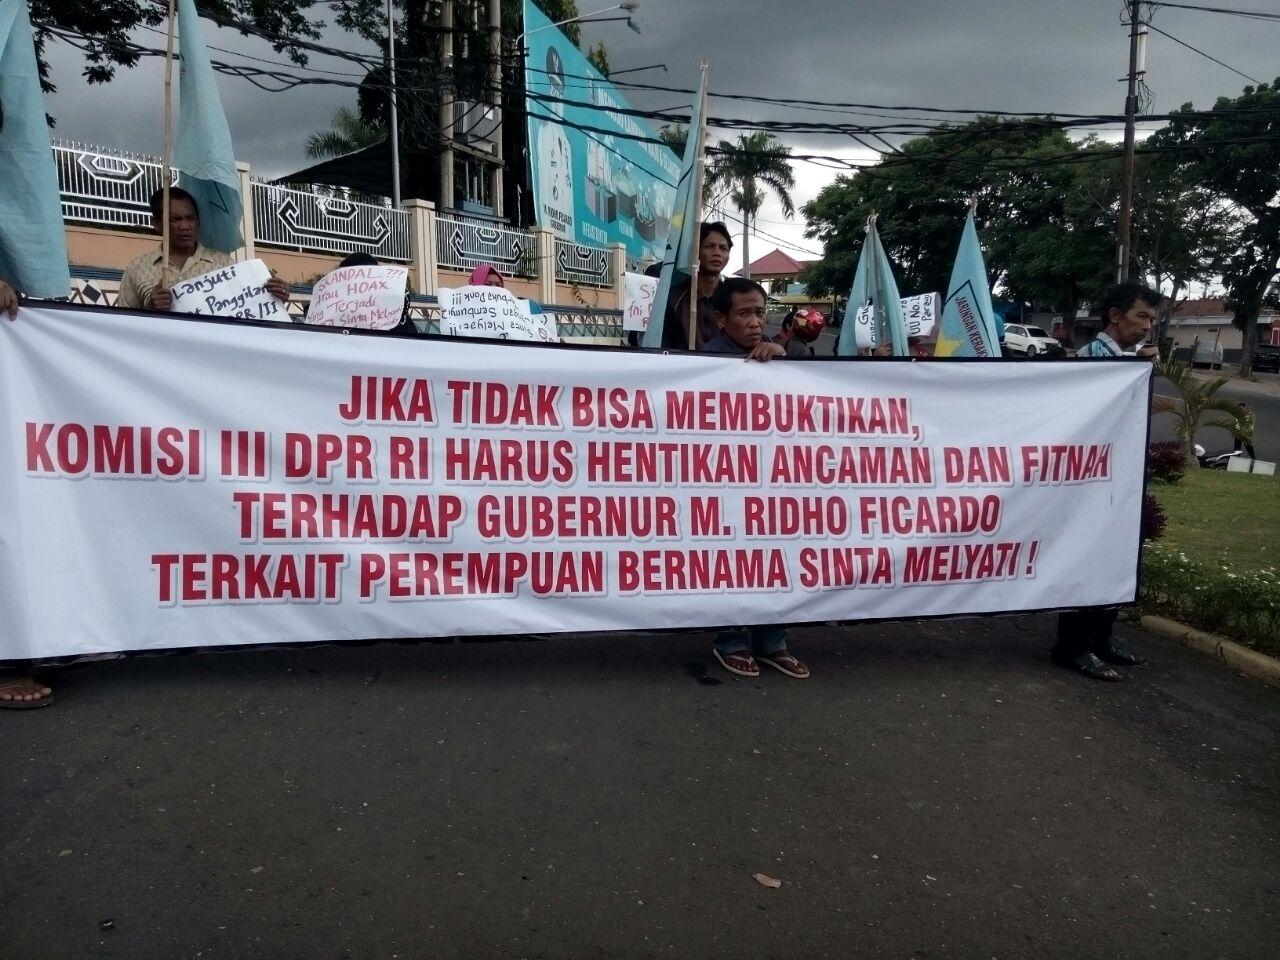 Demonstrasi menuntut DPR RI secara jelas membuka informasi terkait polemik Sinta Melyati. (Dok. Lampungnews)